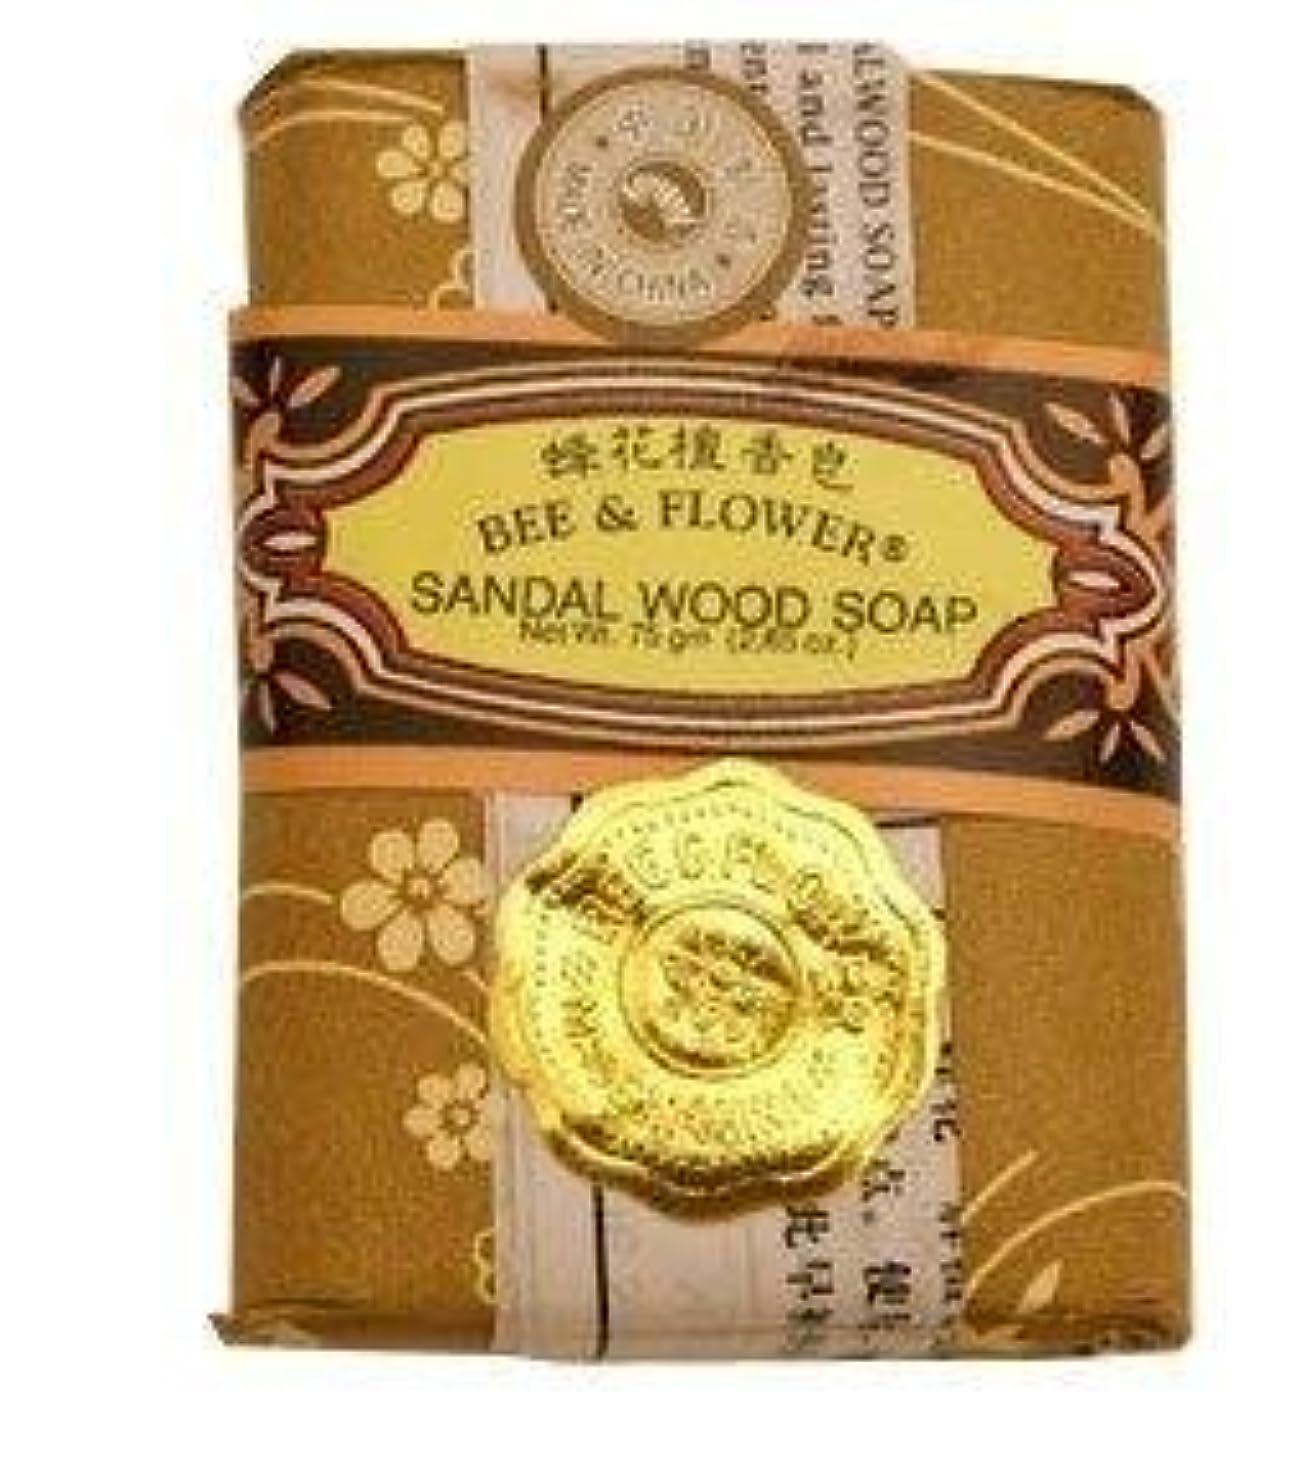 ホイッスル泣いている電球Bee And Flower Sandal Wood Bar Soap 2.65 Ounce - 12 per case. [並行輸入品]